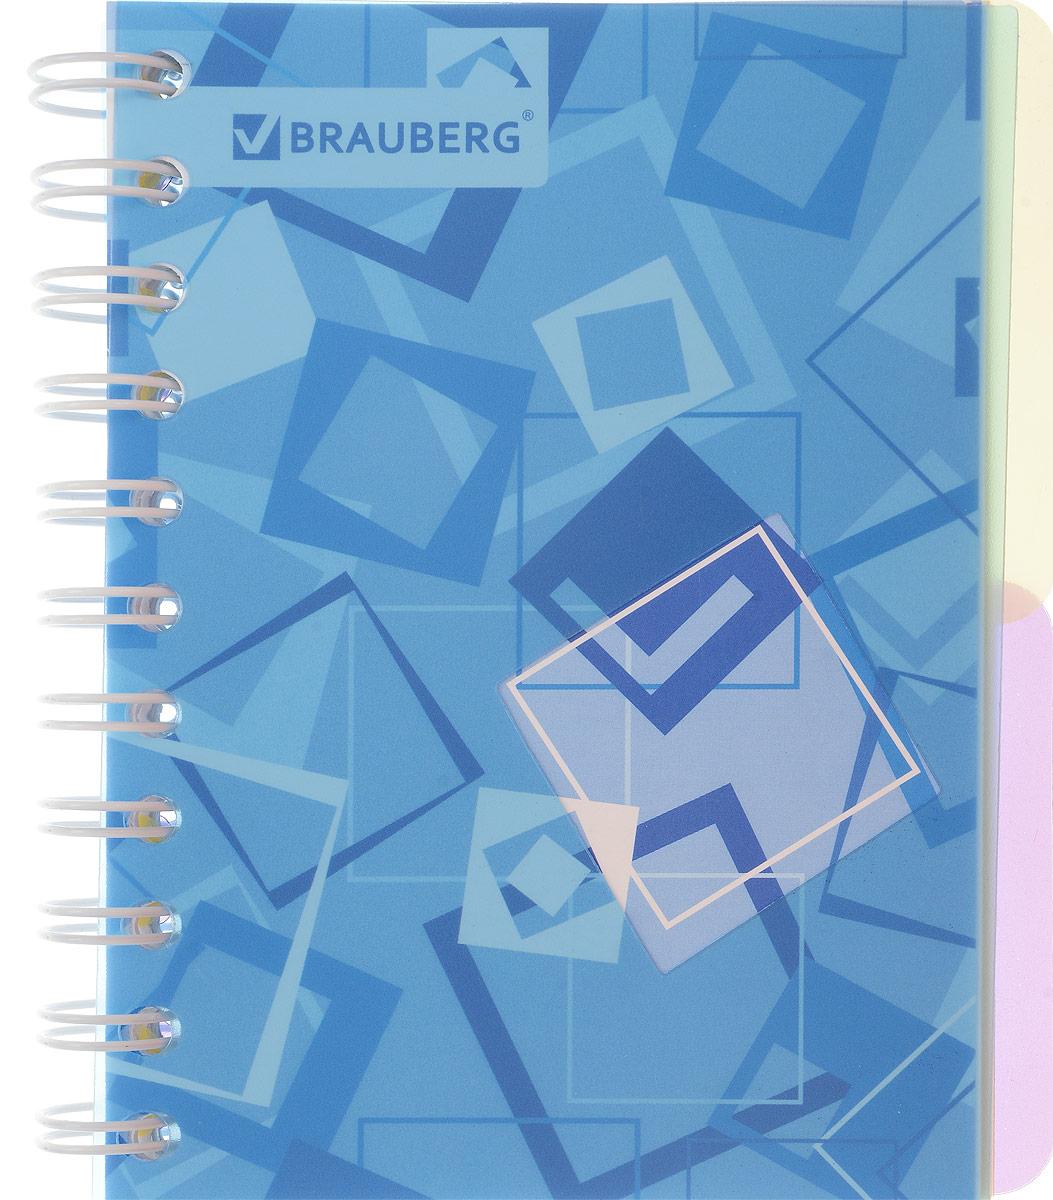 Brauberg Блокнот Кубики 120 листов в линейку цвет голубой121585Практичный блокнот Brauberg Кубики с яркой пластиковой обложкой, защищающей внутренний блок от износа и деформации. Удобные съемные разделители позволяют лучше ориентироваться в записях.